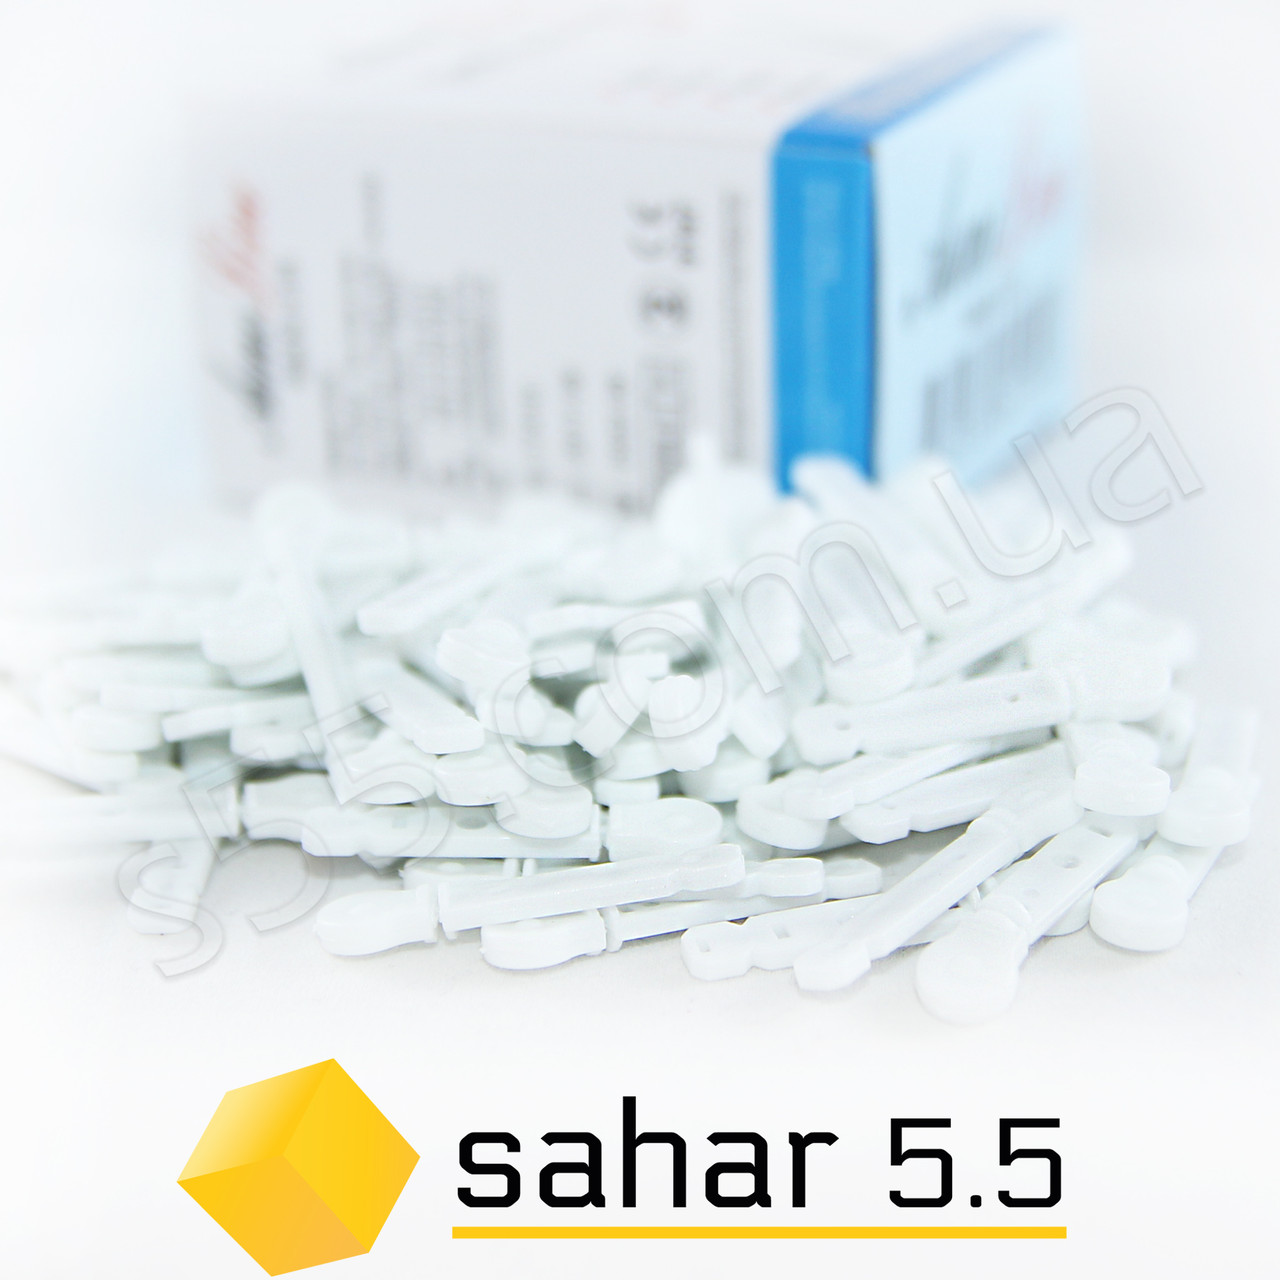 Ланцеты к ручке Софткликс (Accu Chek Softclix) 28G, 100 шт в упаковке